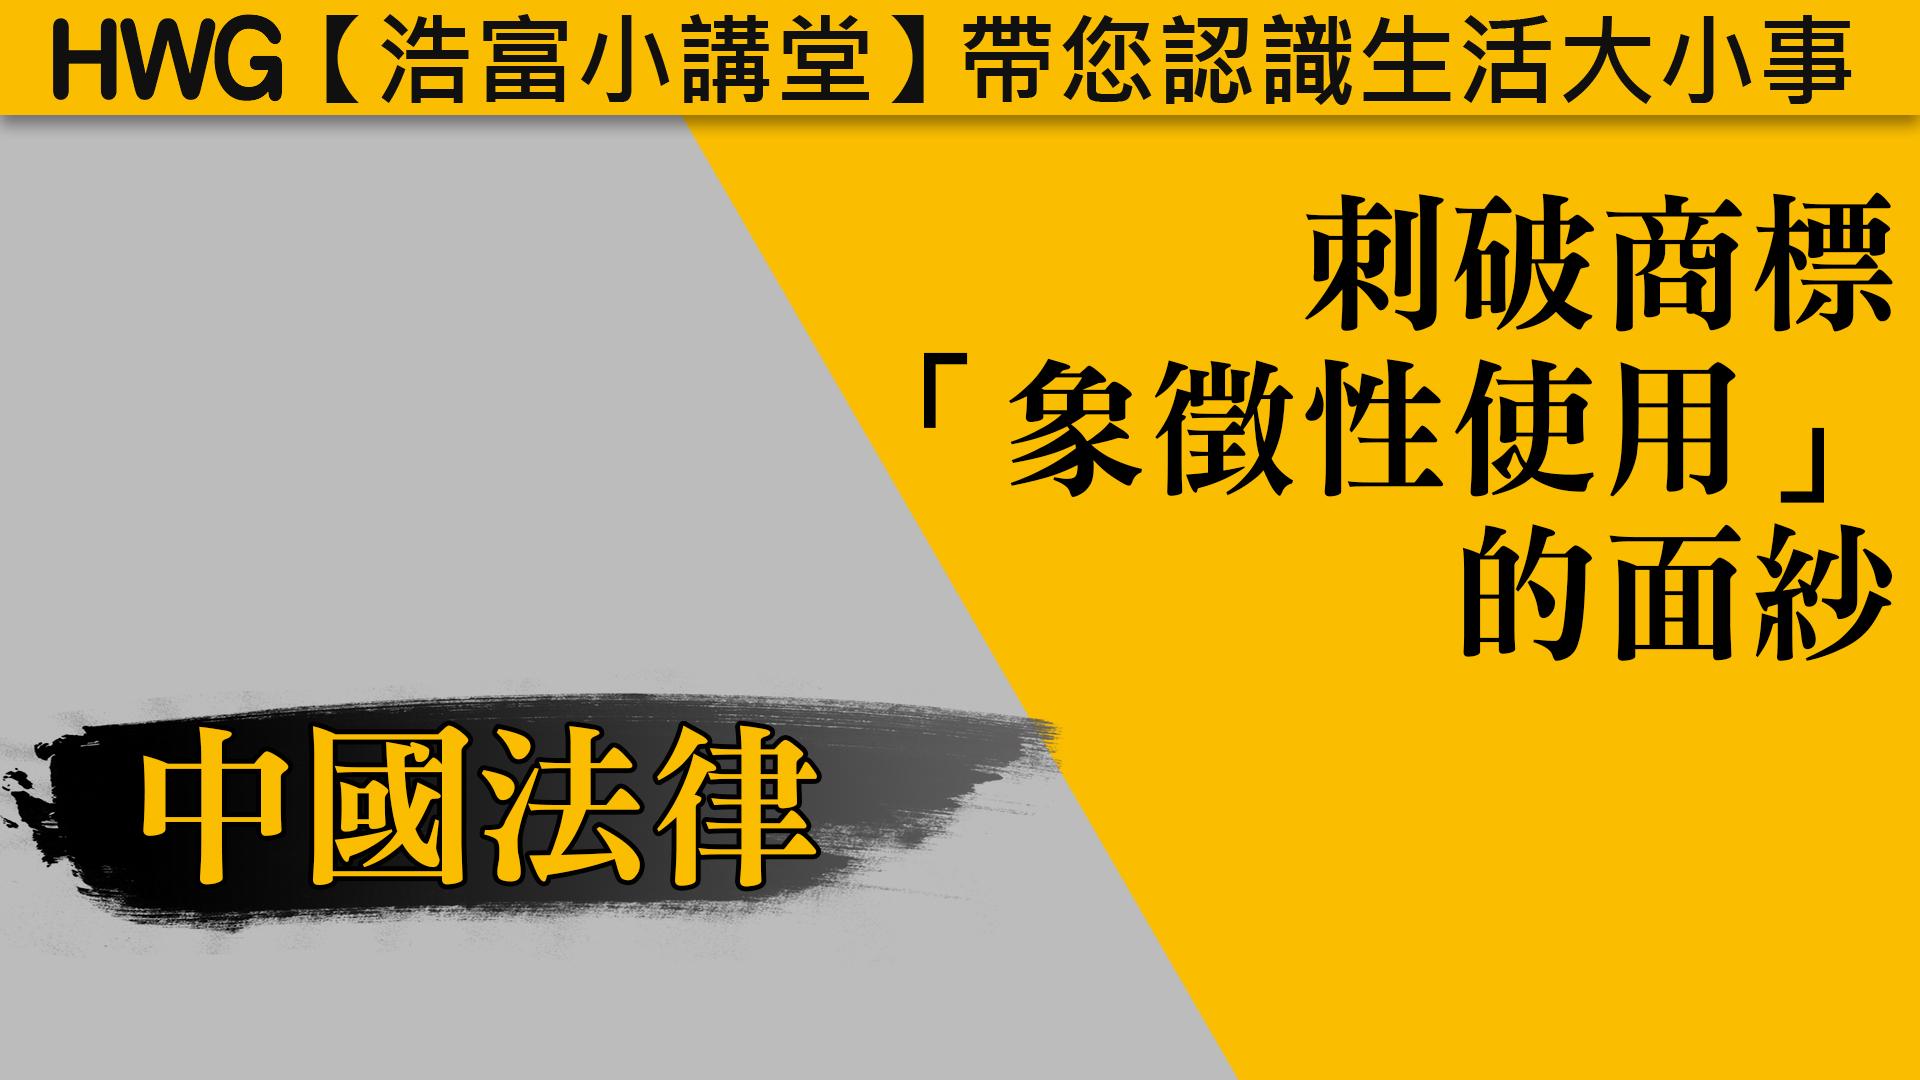 <i>版權商標系列</i><br>刺破商標「象徵性使用」的面紗